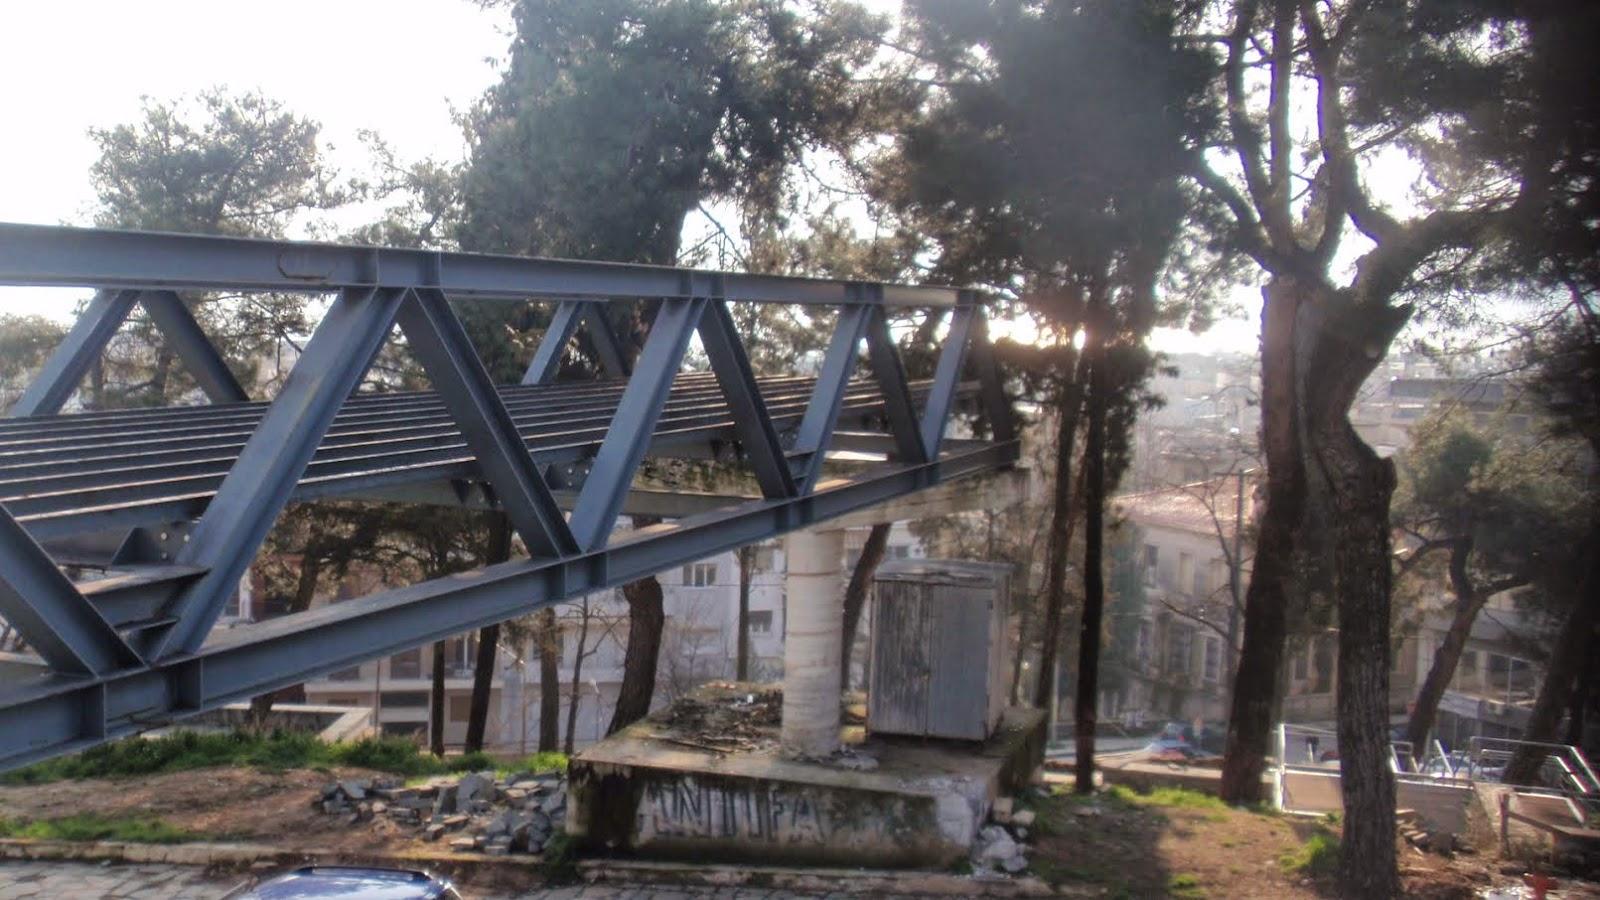 ΓΙΑΝΝΕΝΑ-Η πεζογέφυρα της Πλατείας αποκτά … προορισμό, αφού πρώτα υποστεί «λίφτινγκ»